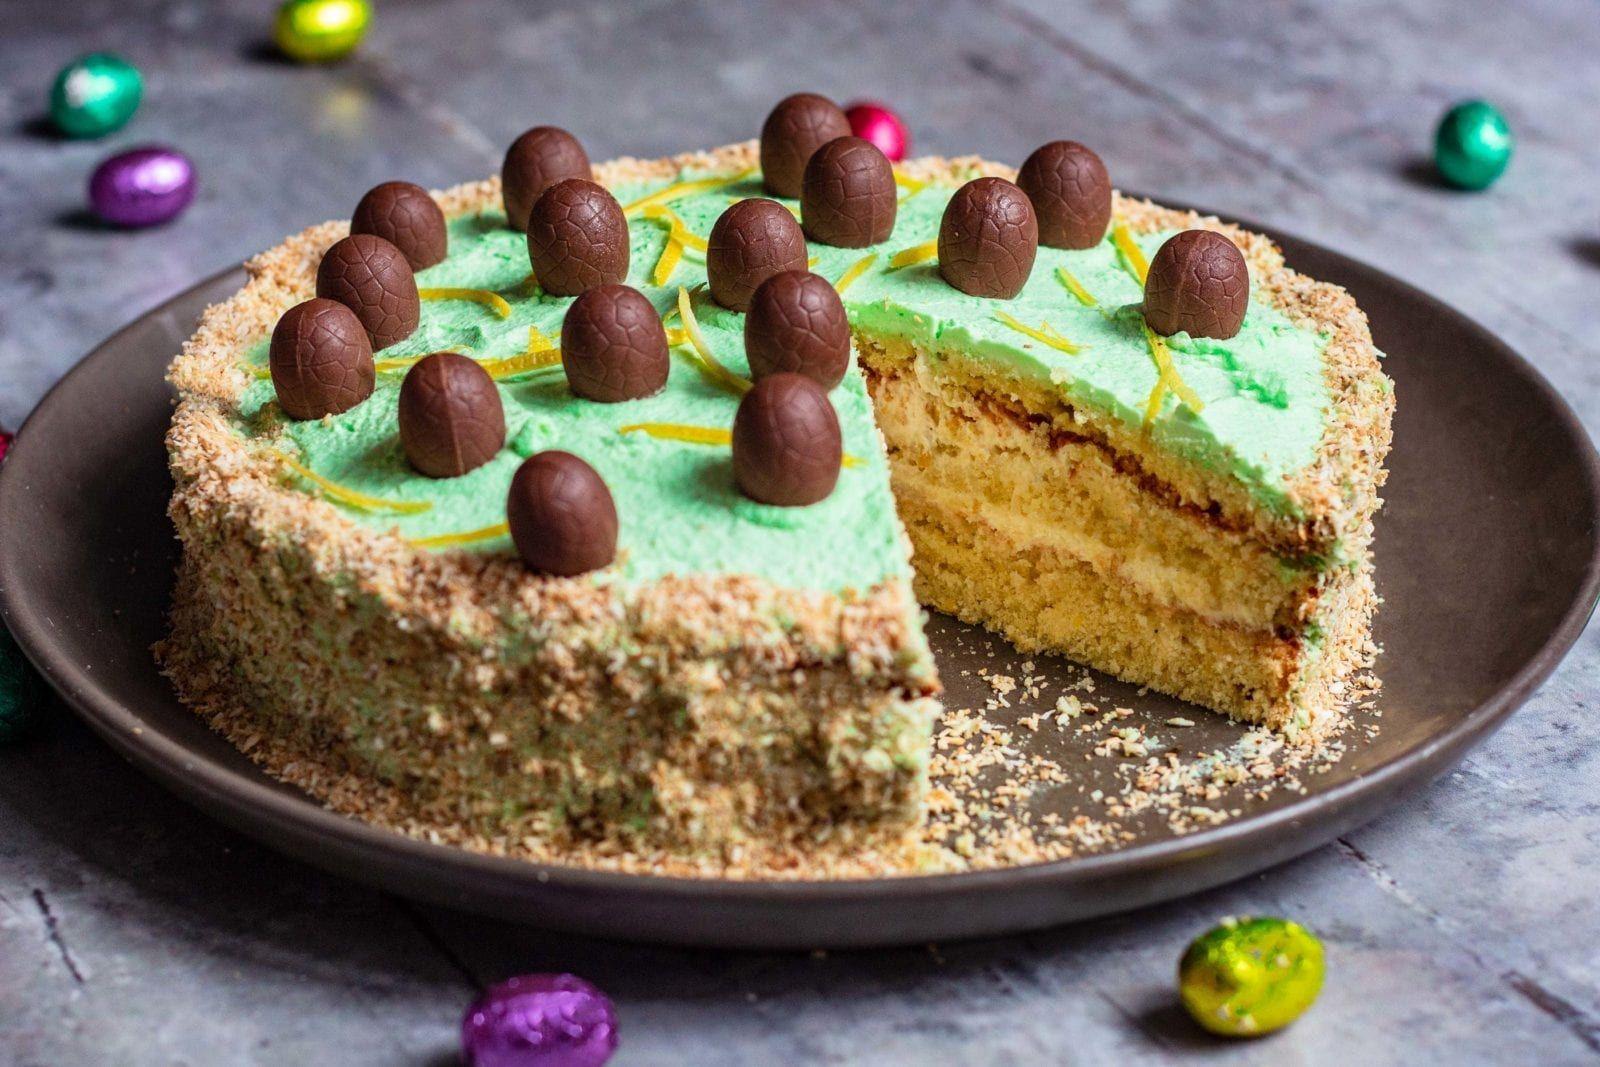 Perfekt Til Pasken Laekker Og Cremet Paskekage Med Citron Og Kokos Opskrift I 2020 Paskekage Dessert Laekker